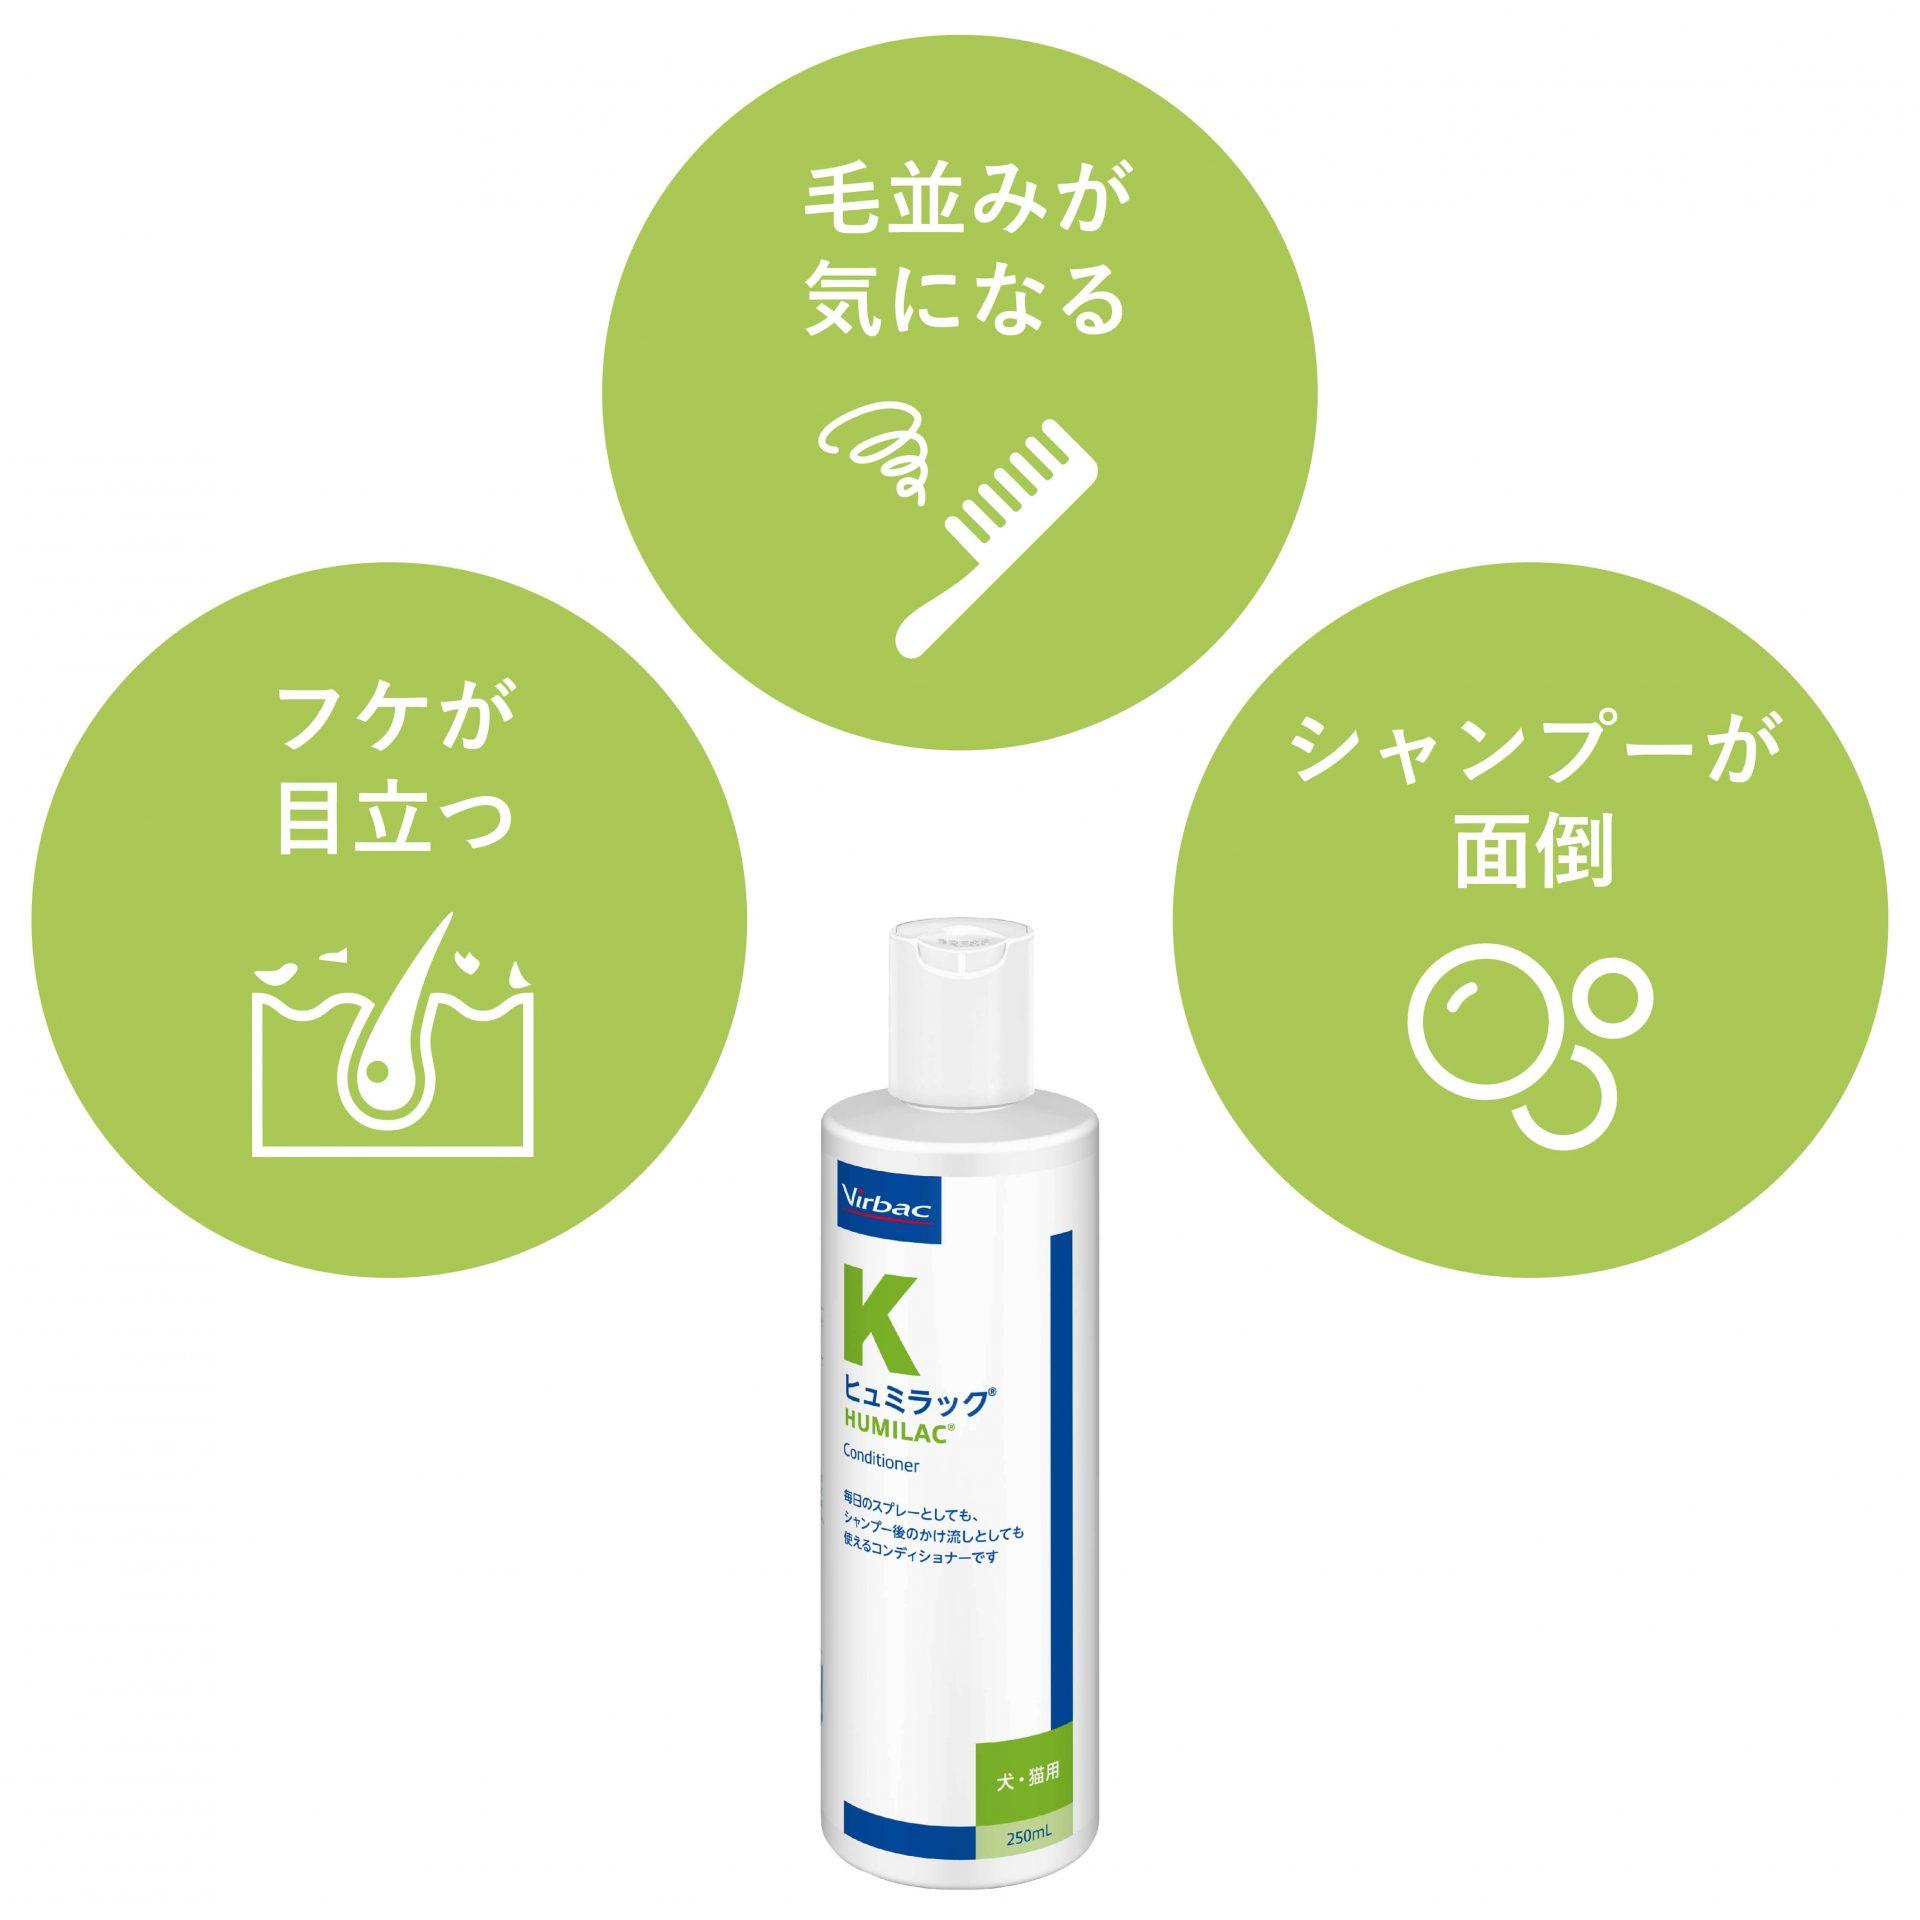 ヒュミラックは尿素配合だけでなく洗い流す手間がない保湿コンディショナー。